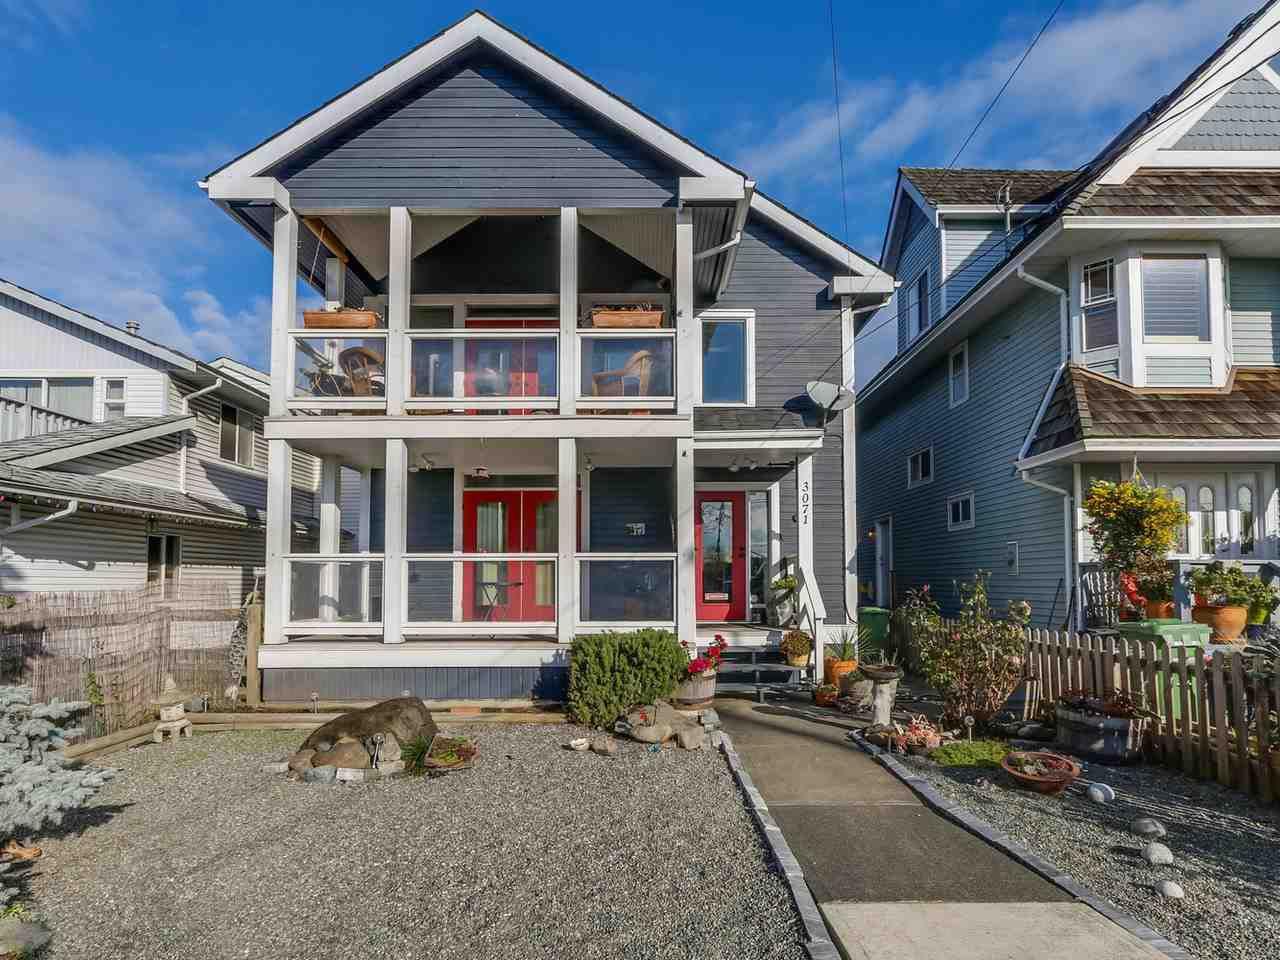 """Main Photo: 3071 CHATHAM Street in Richmond: Steveston Village House for sale in """"STEVESTON VILLAGE"""" : MLS®# R2121255"""